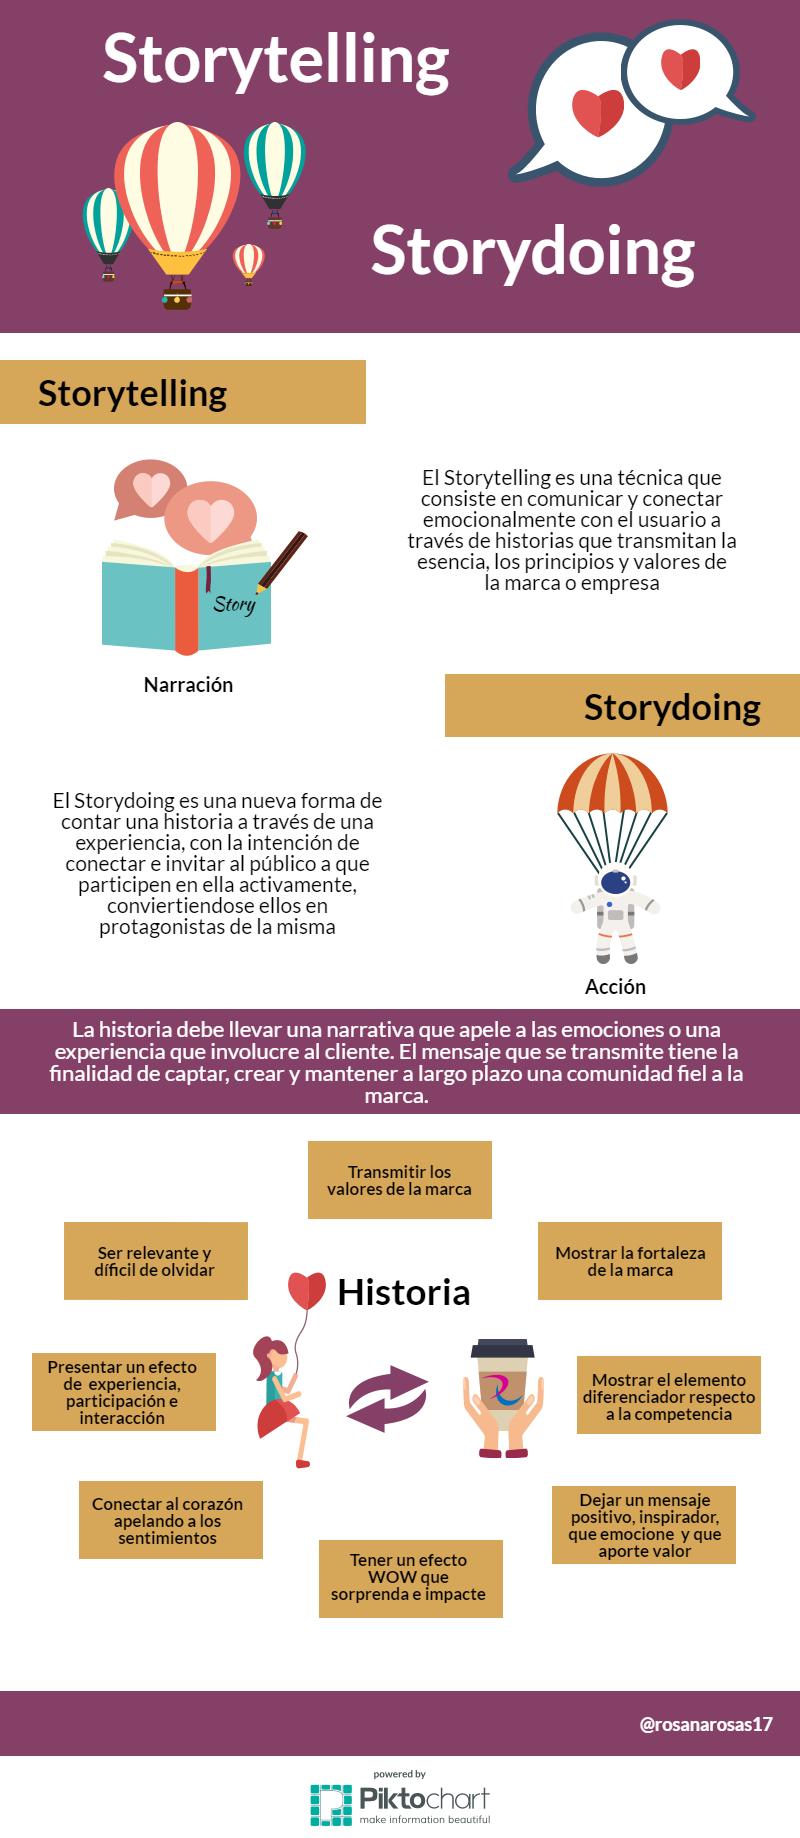 Storytelling vs Storydoing